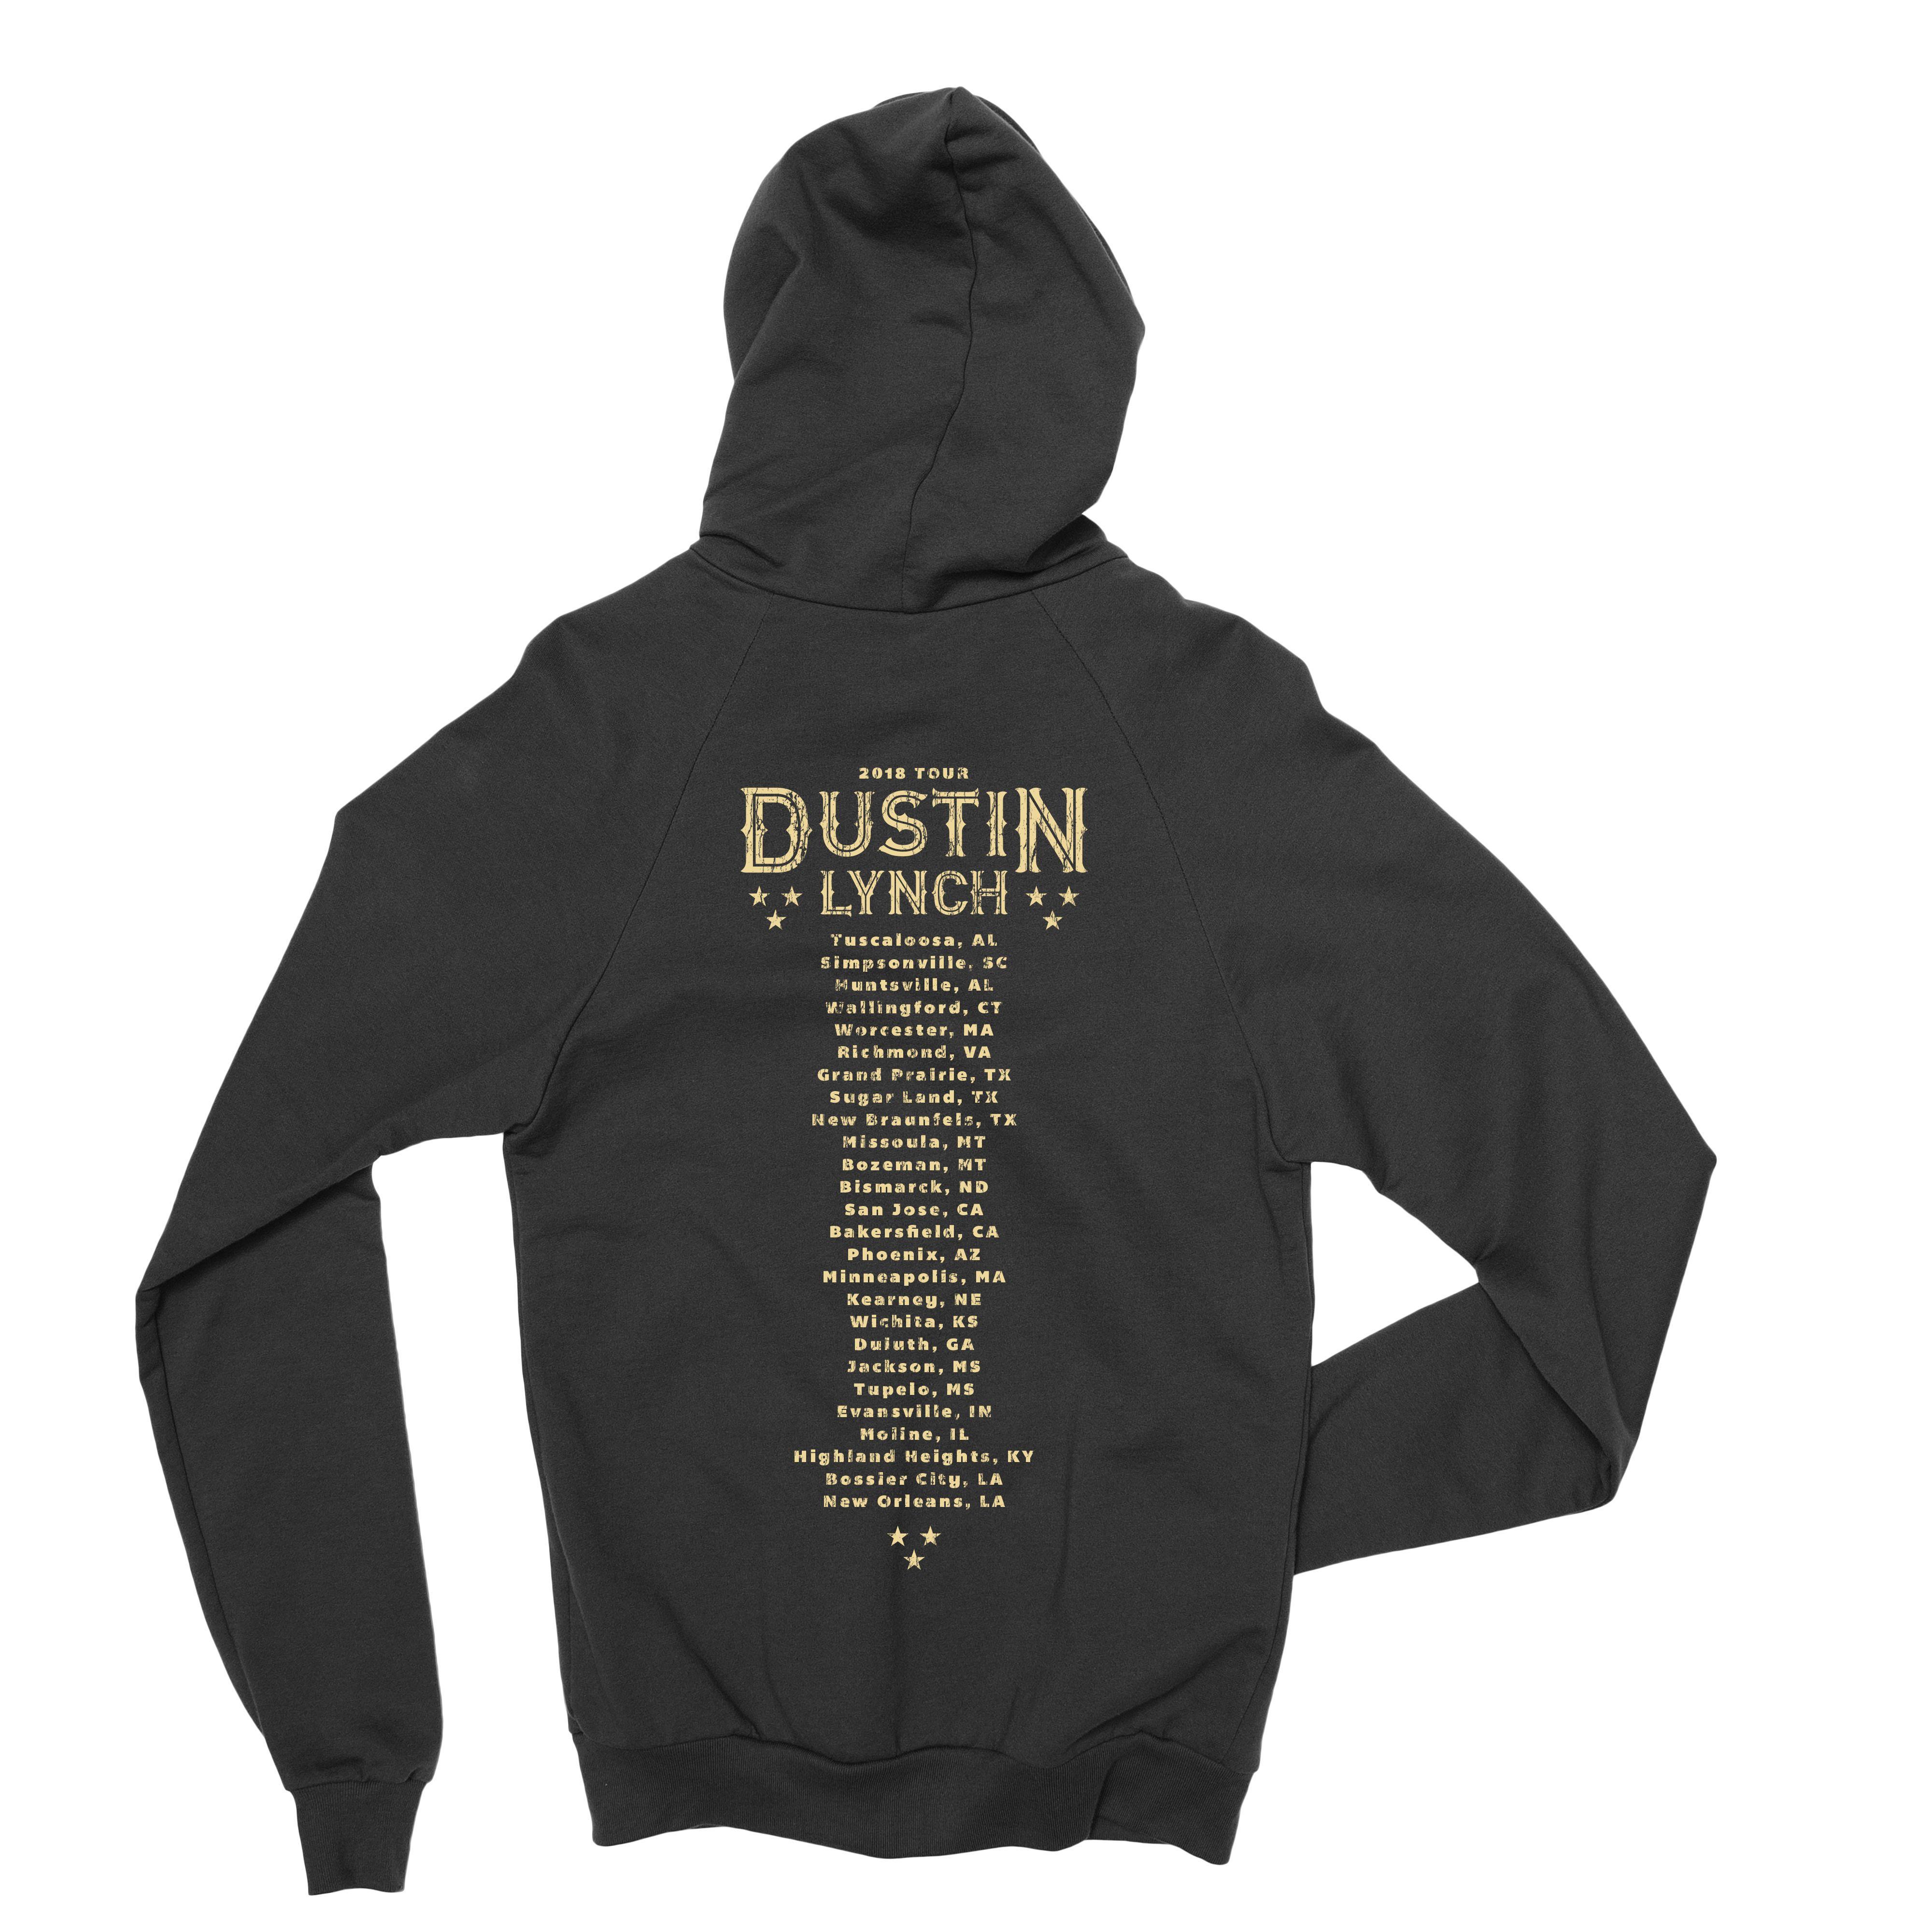 Dustin Lynch Emblem Dateback Hoodie